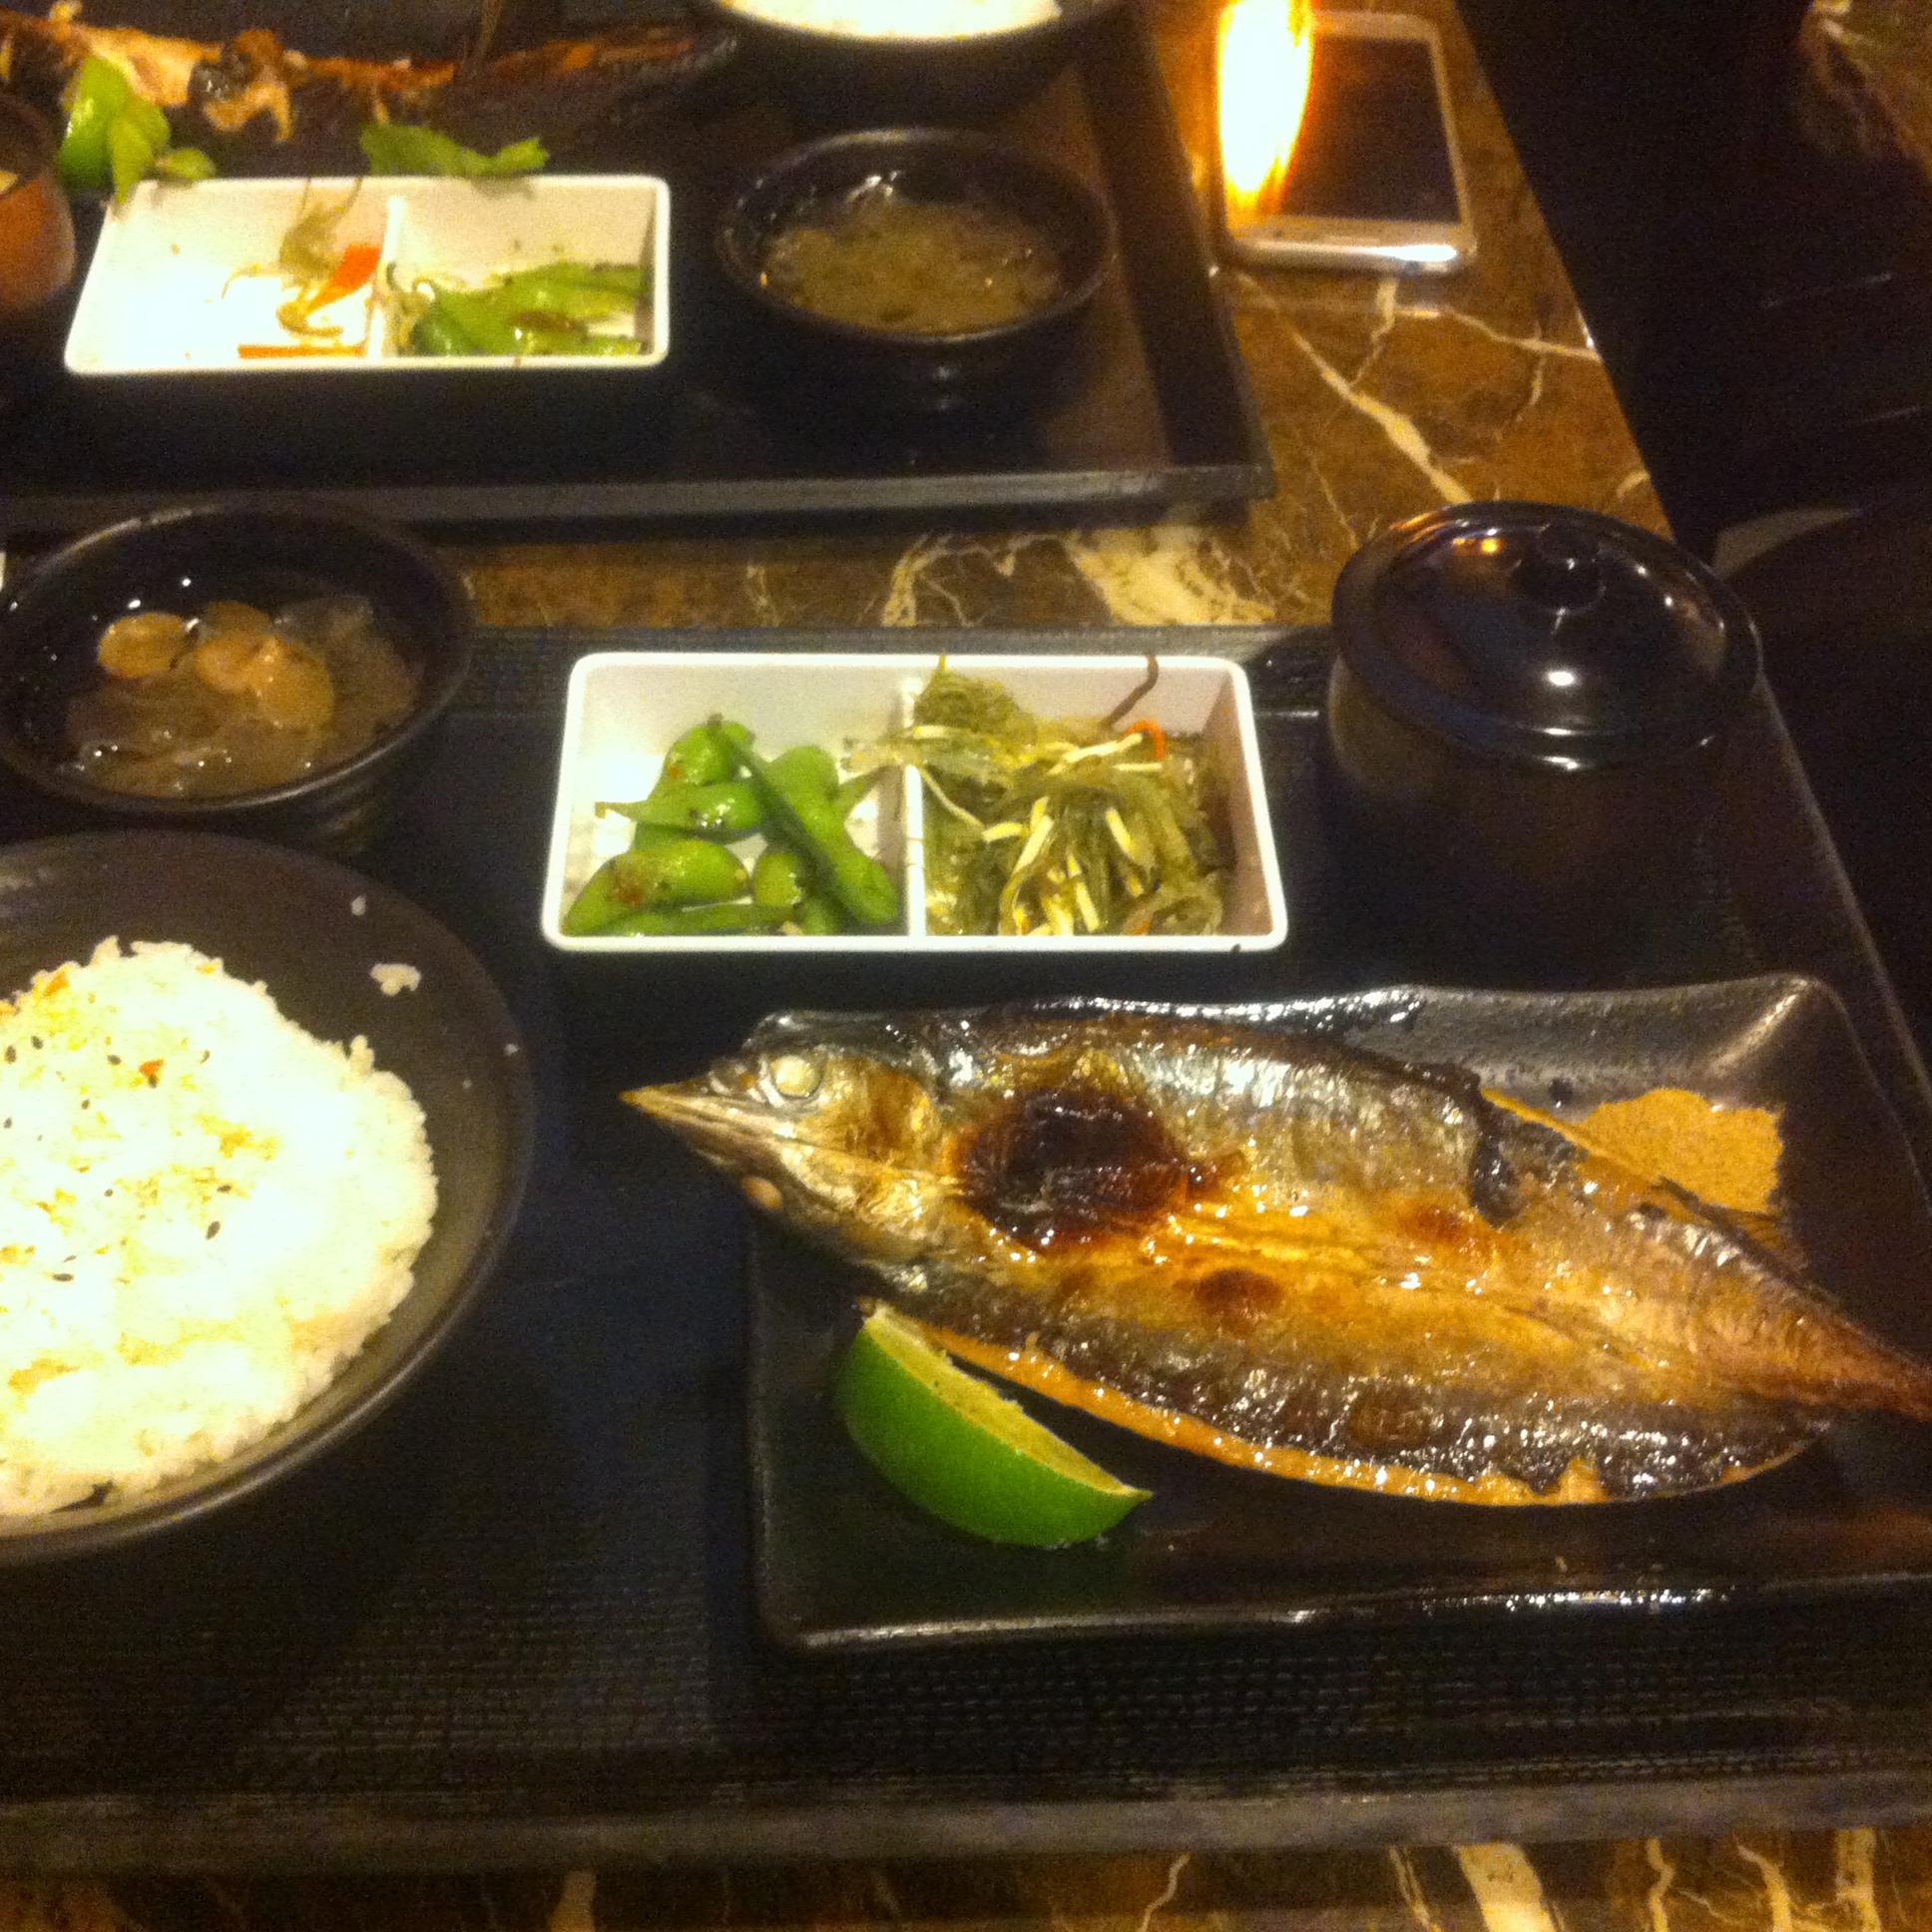 【グルメ】百八魚場という台湾日本式定食屋の魚料理はGOOD!